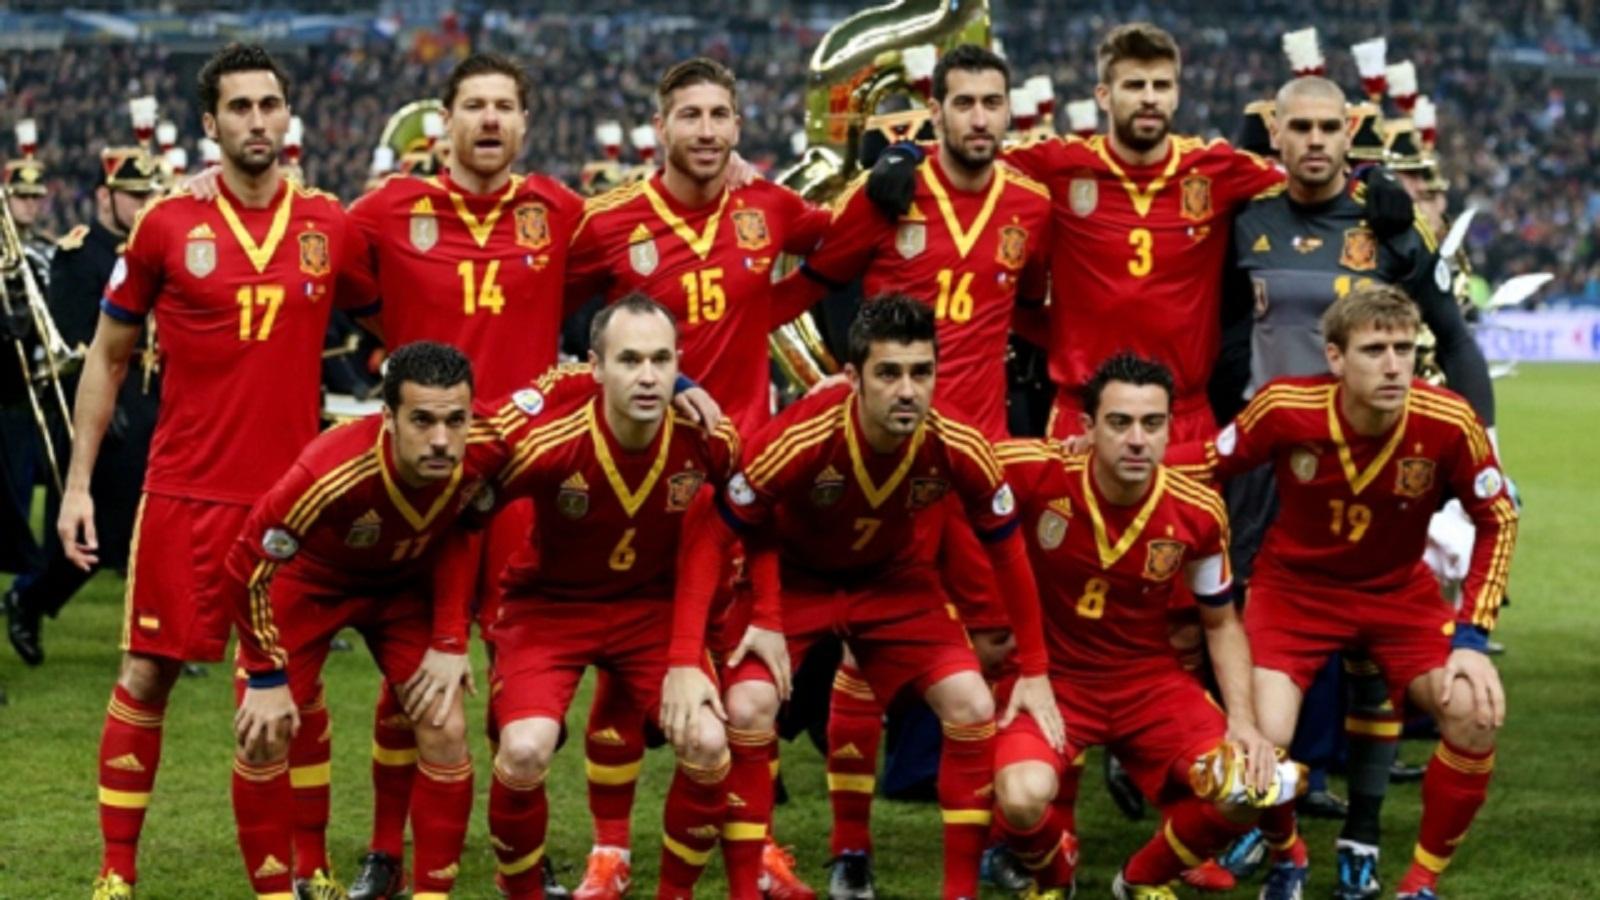 VIDEO: España se postularía para la Euro 2028 y el Mundial 2030 (rumores)